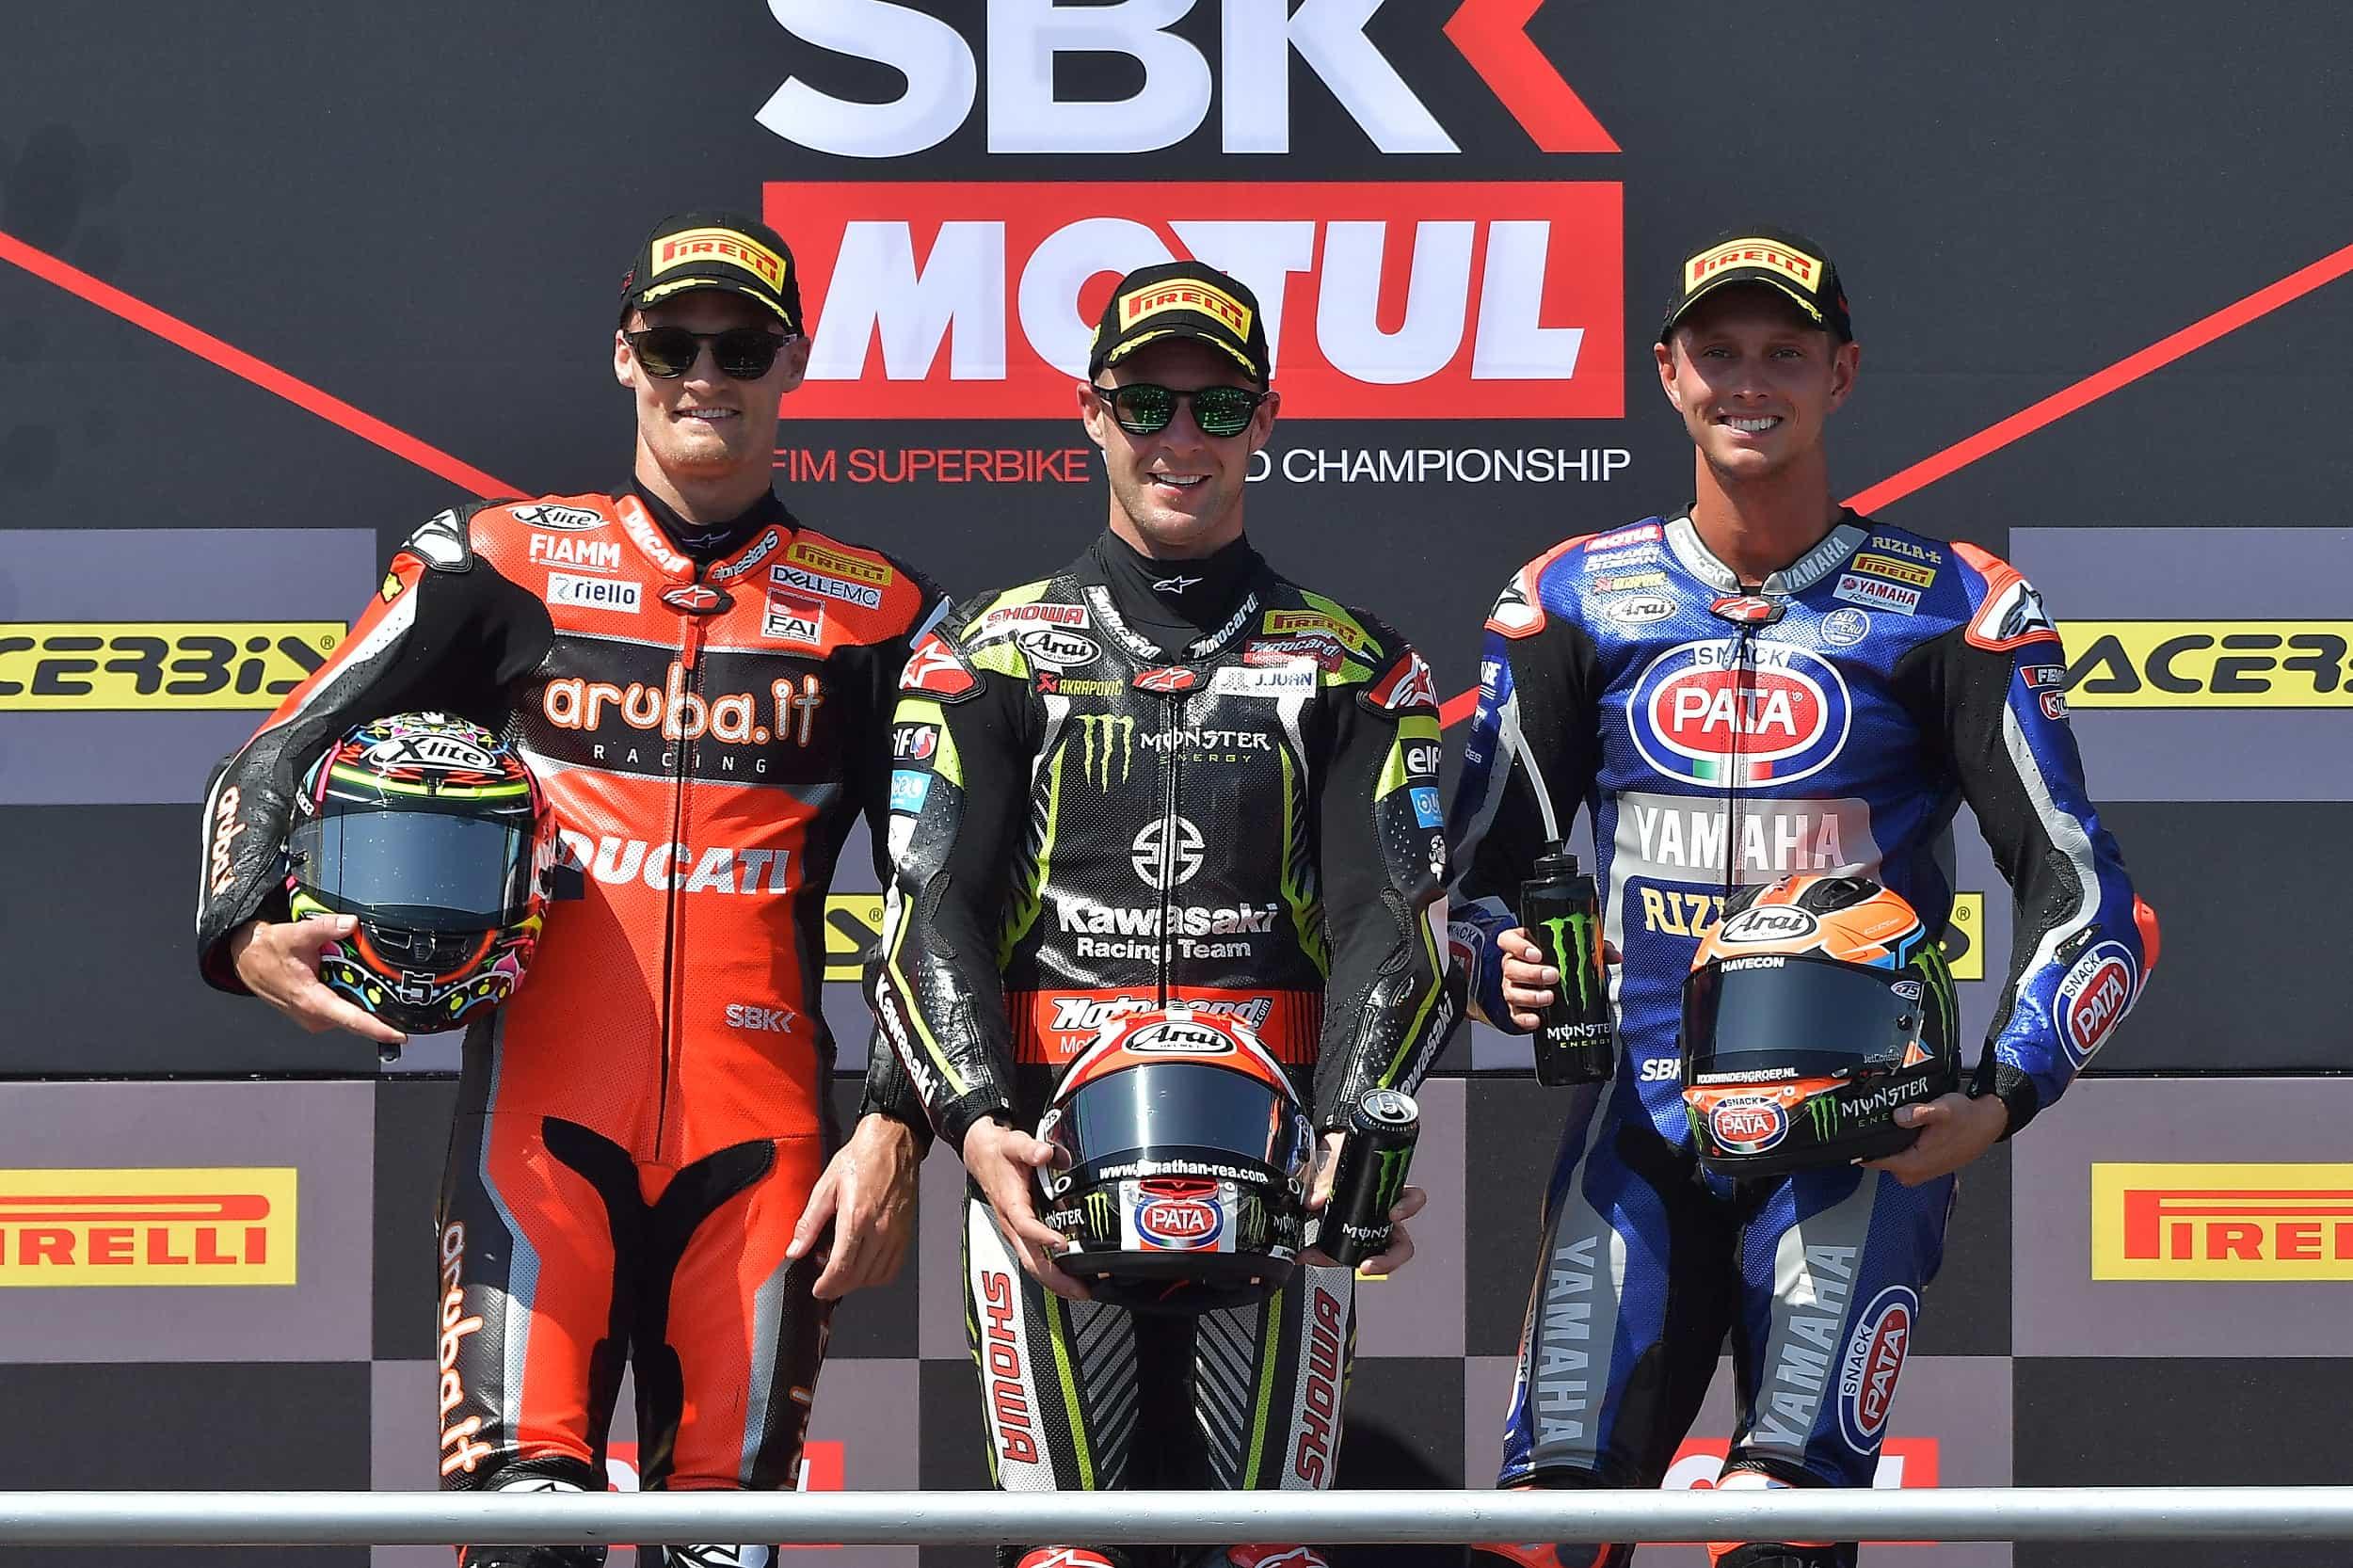 ピレリ(Pirelli) スタンダードソリューションを使用してレース1でジョナサン・レイが優勝